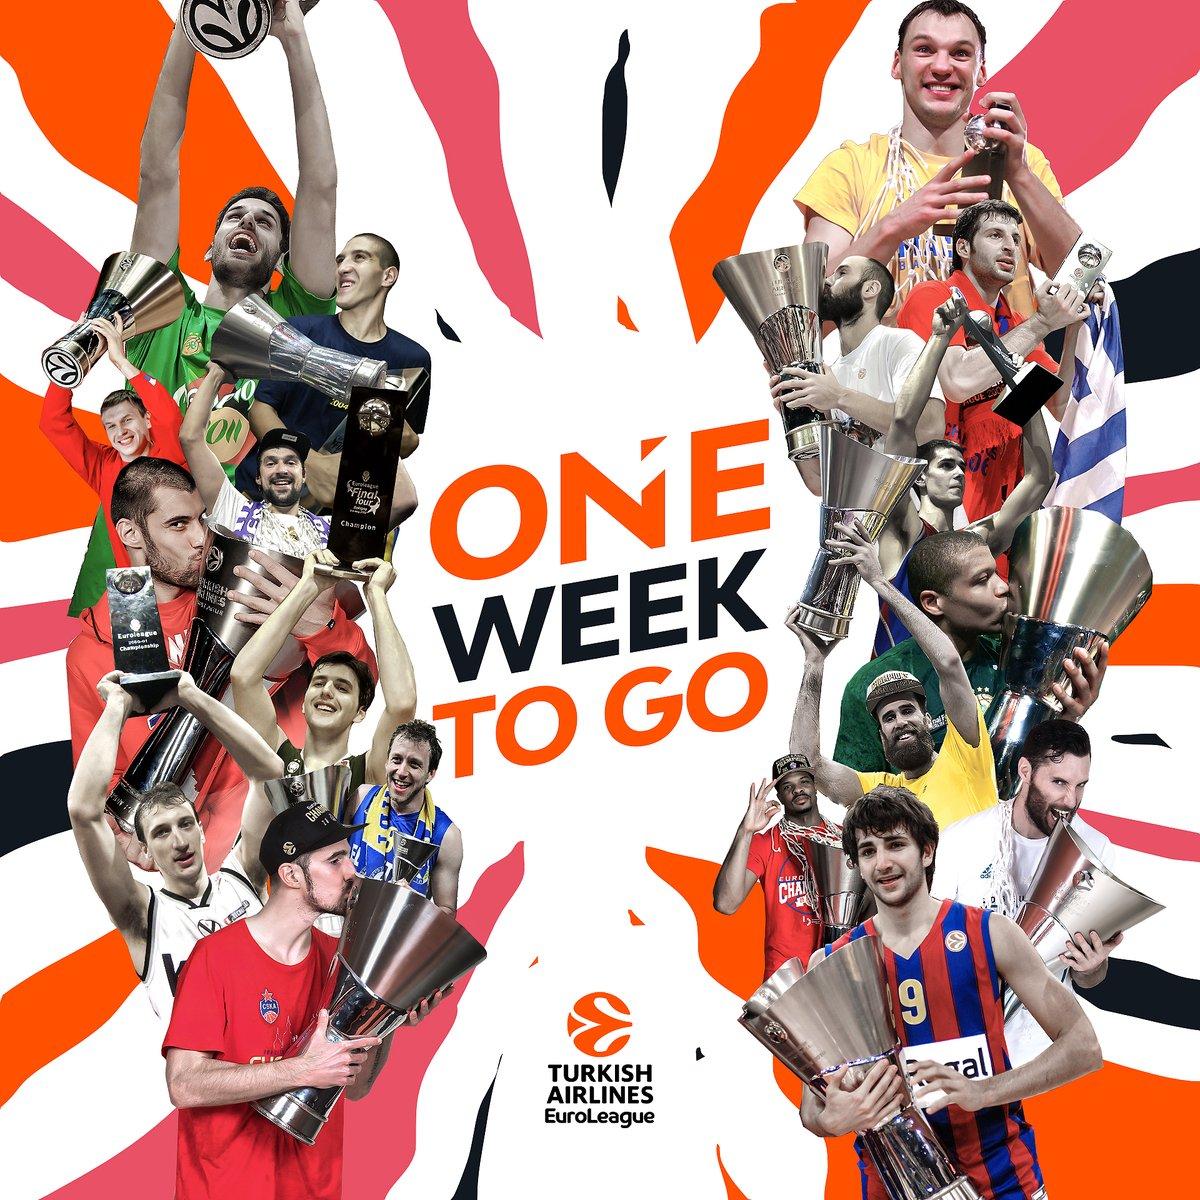 7 DAYS!  #EuroLeagueisBack https://t.co/1x1T5vG6WO